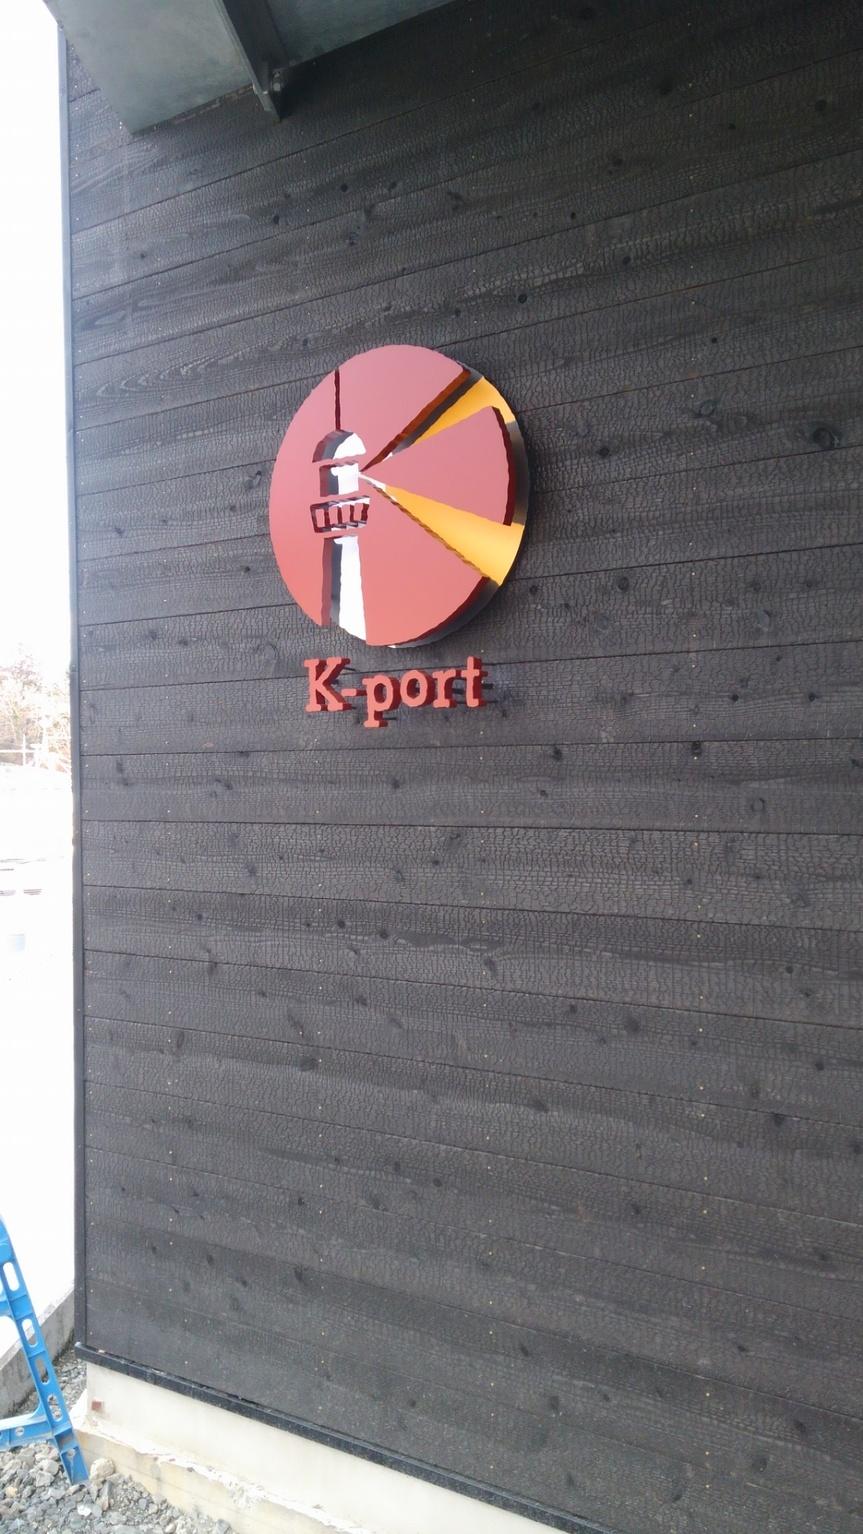 K-port